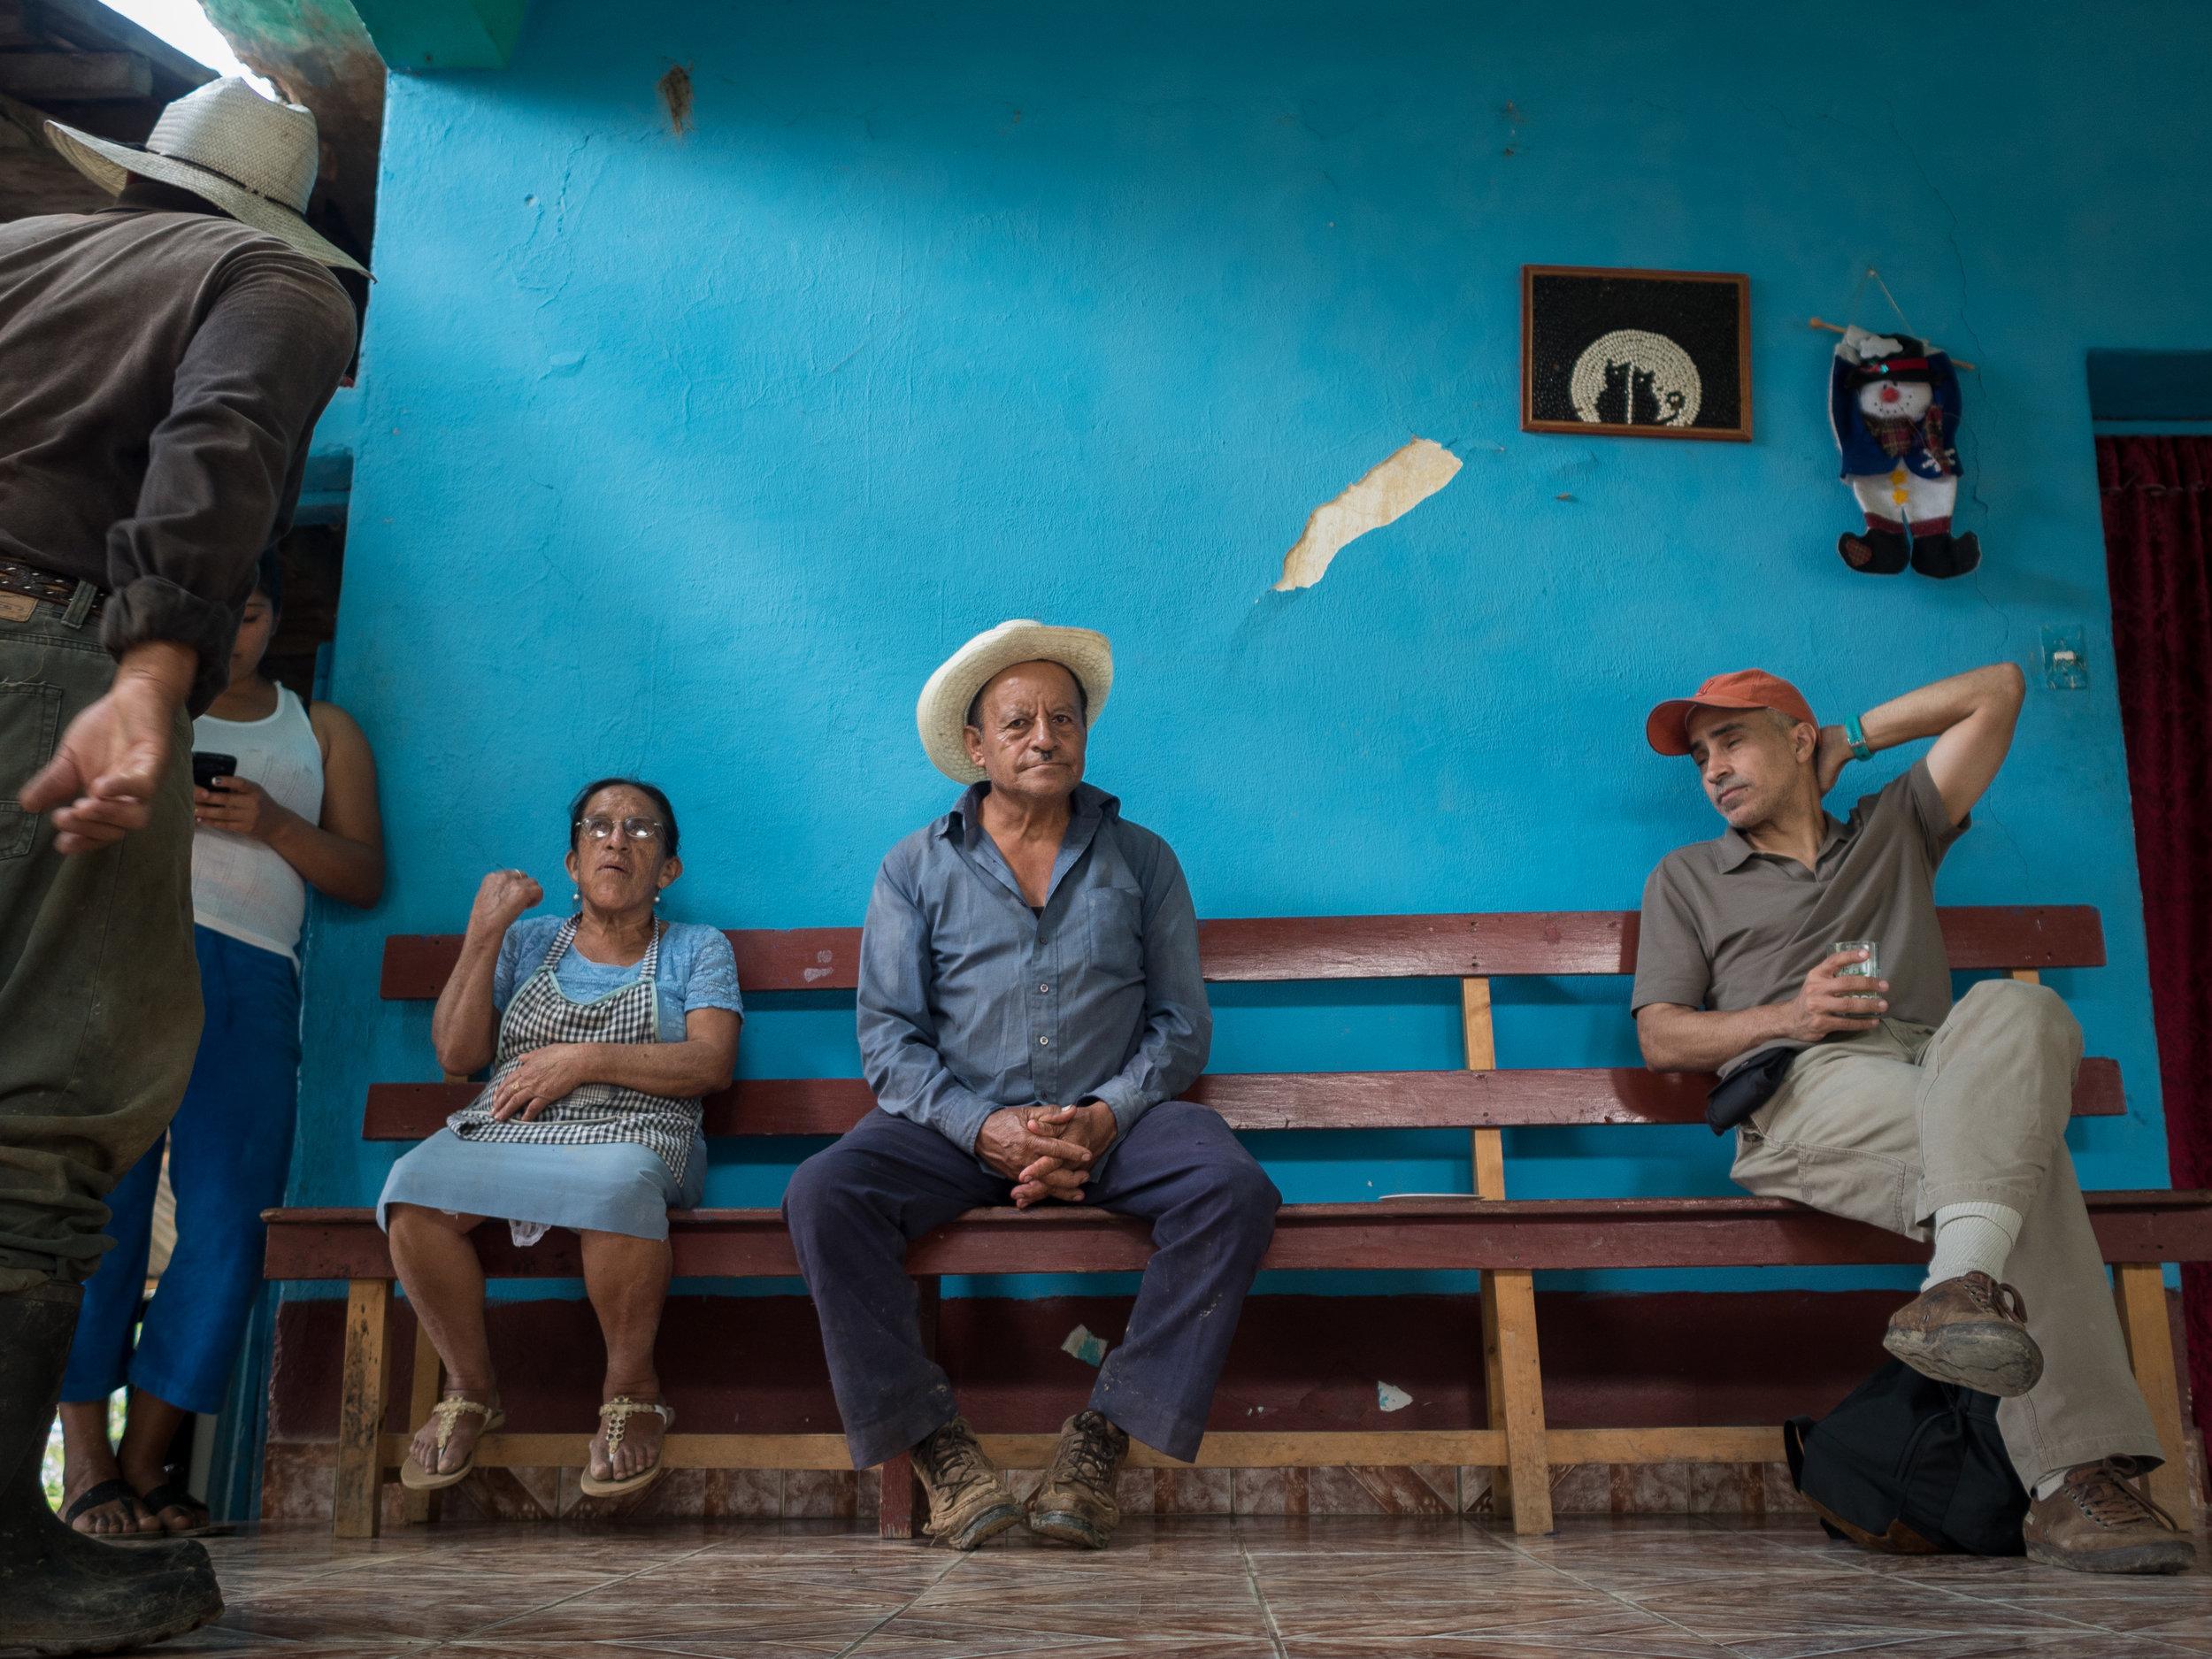 From left to right: Alicia Lopez Castillo, Jose Cupertino Lopez, Anton Flores